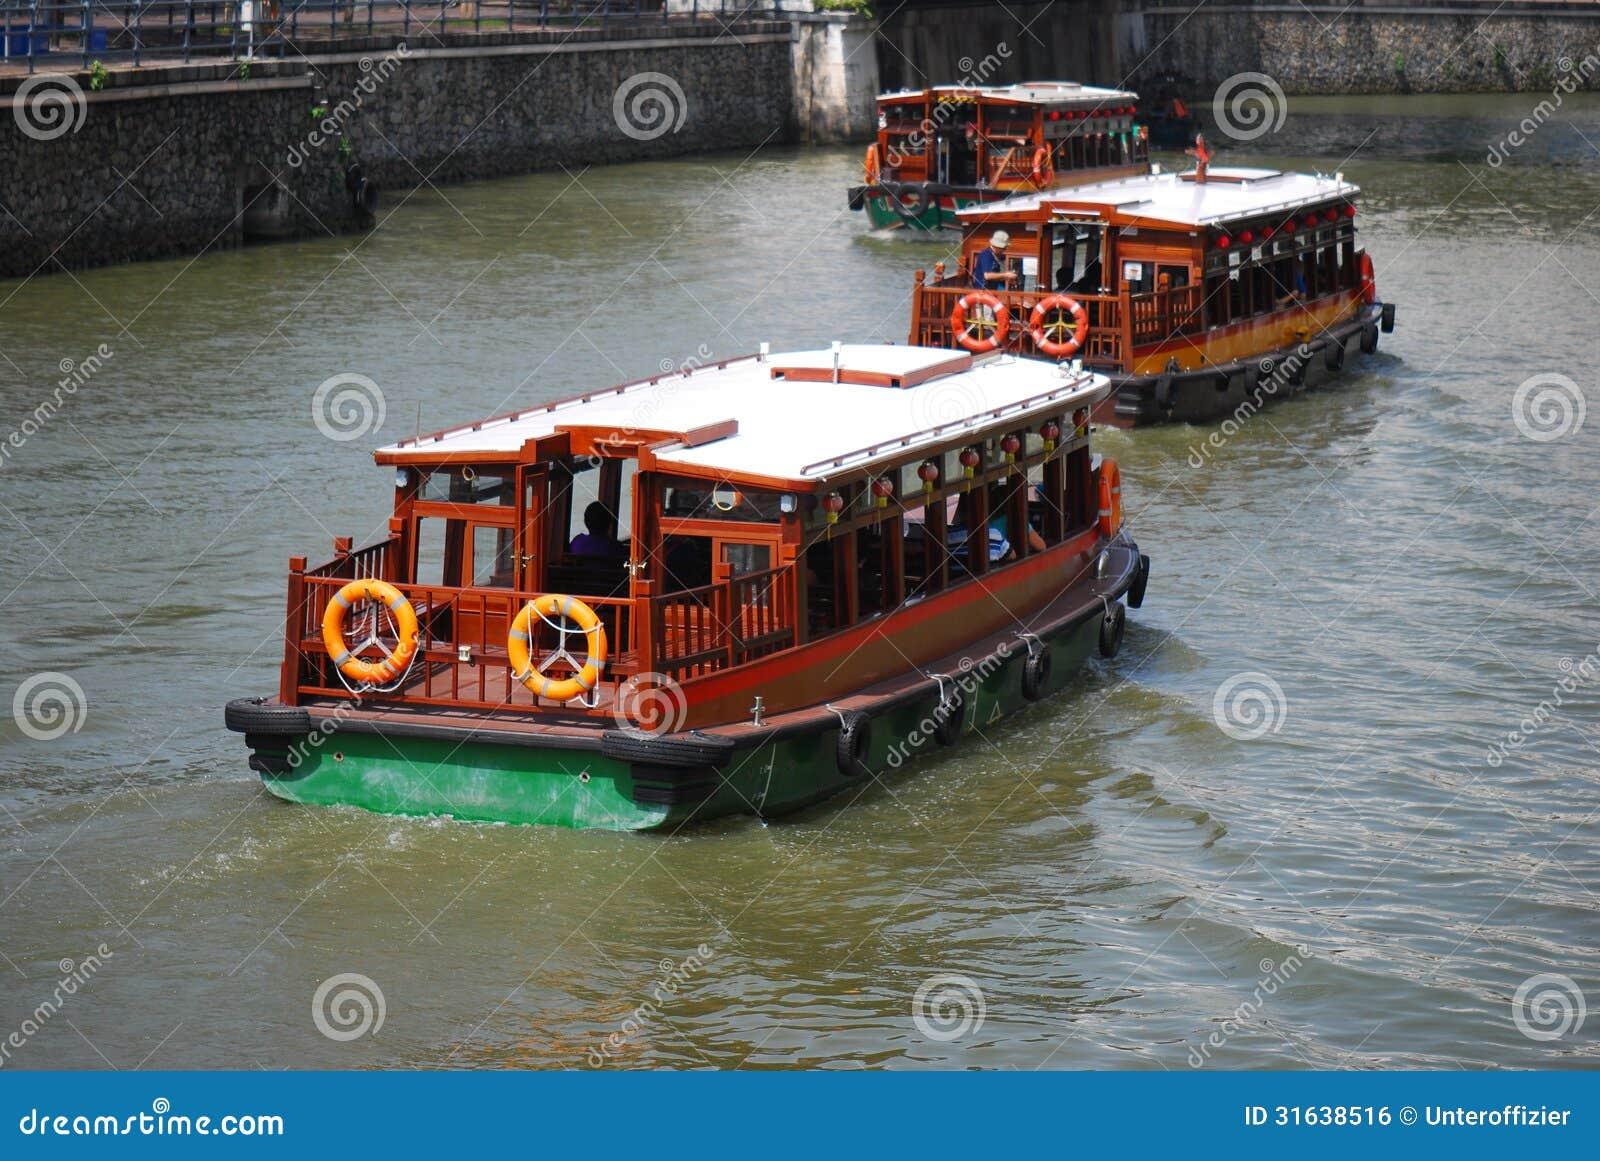 Rzeczne łodzie